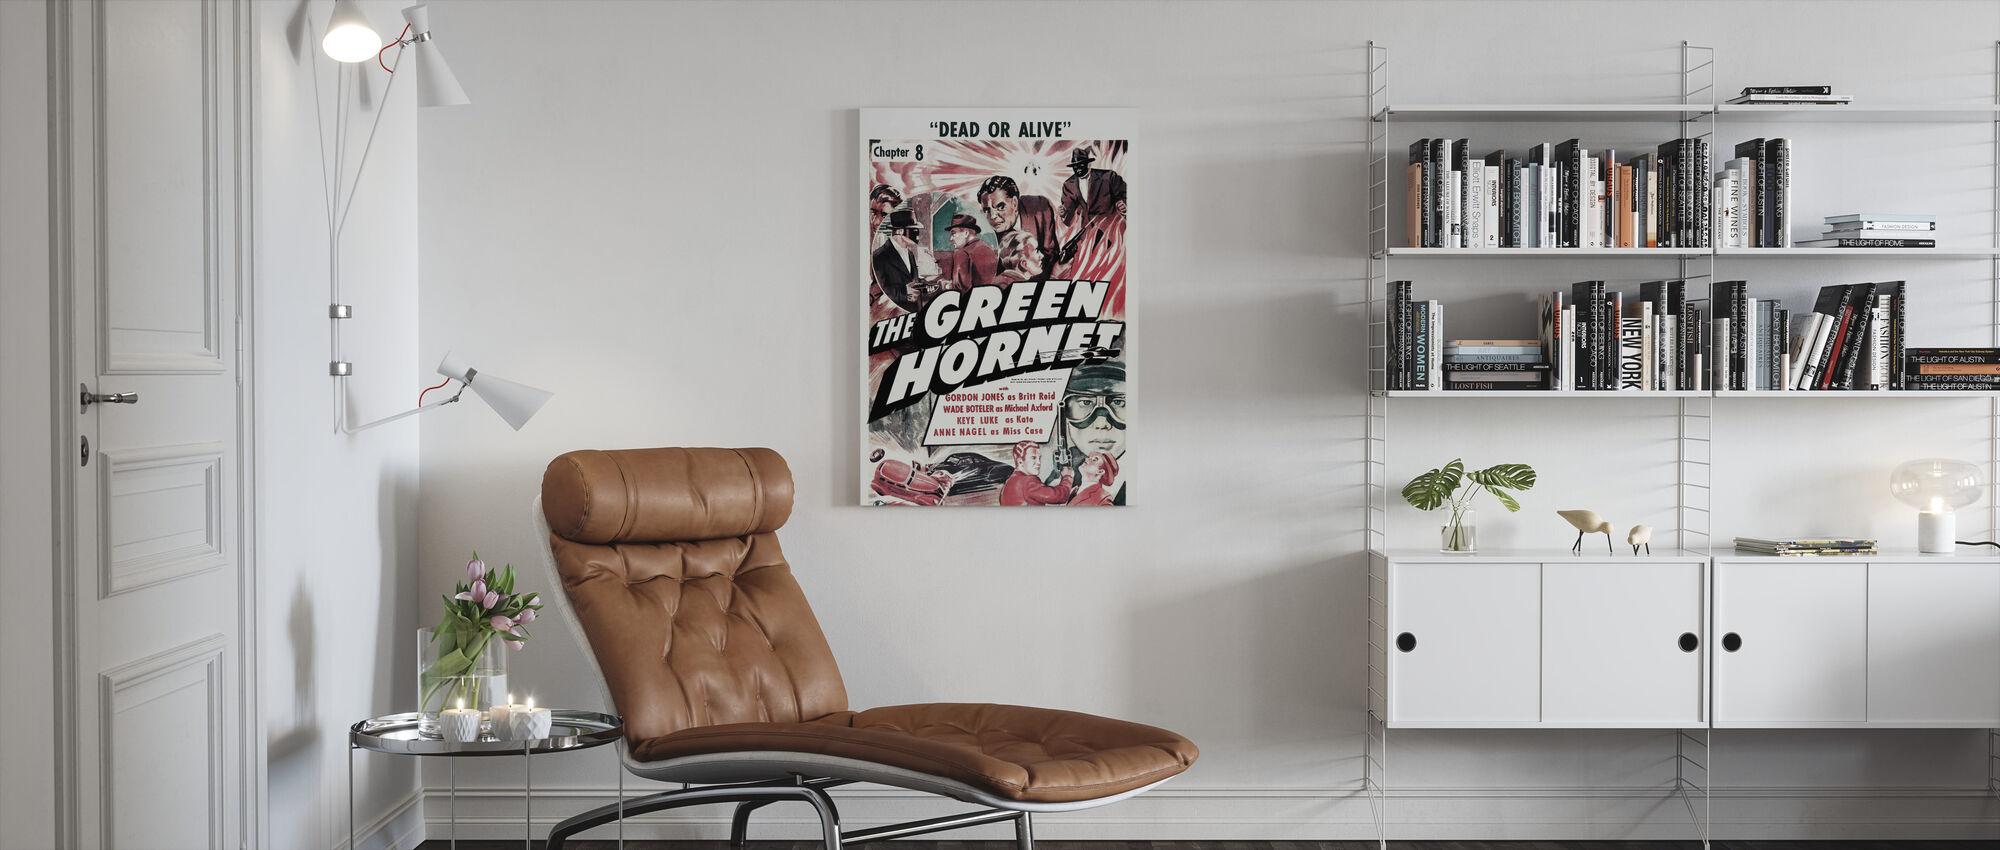 Filmen plakat den grønne Hornet - Lerretsbilde - Stue